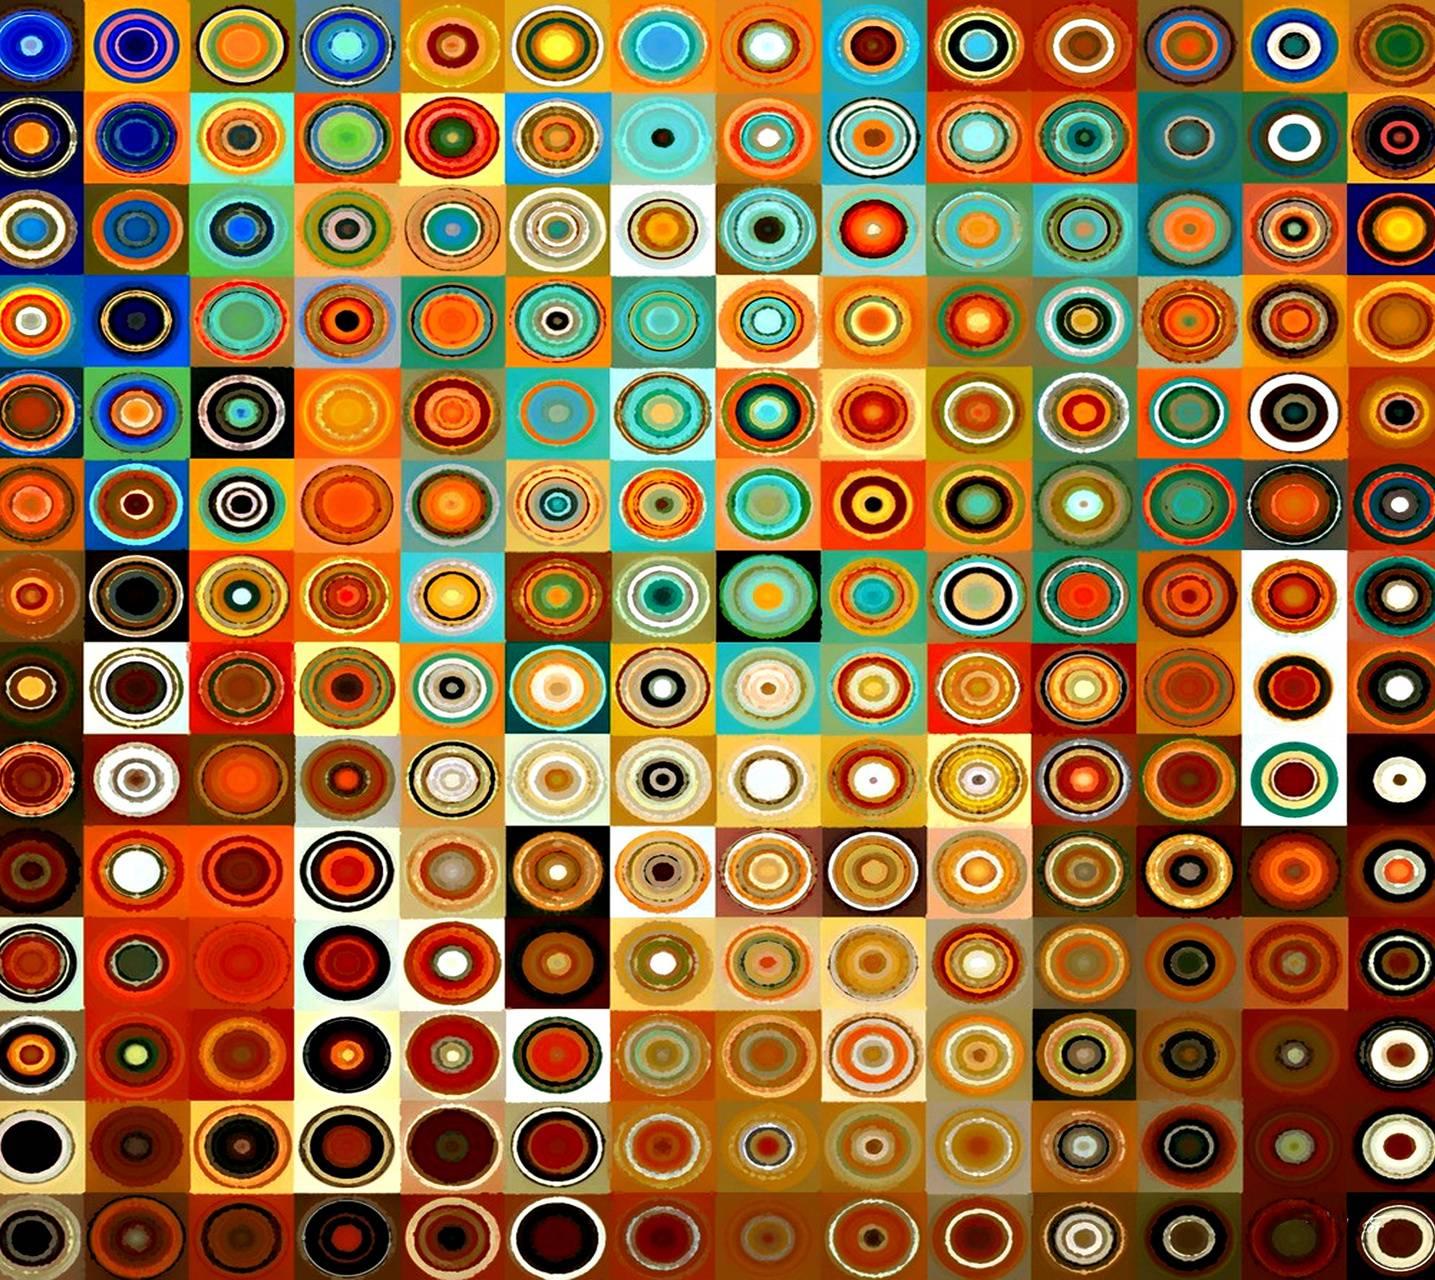 Art wallpaper